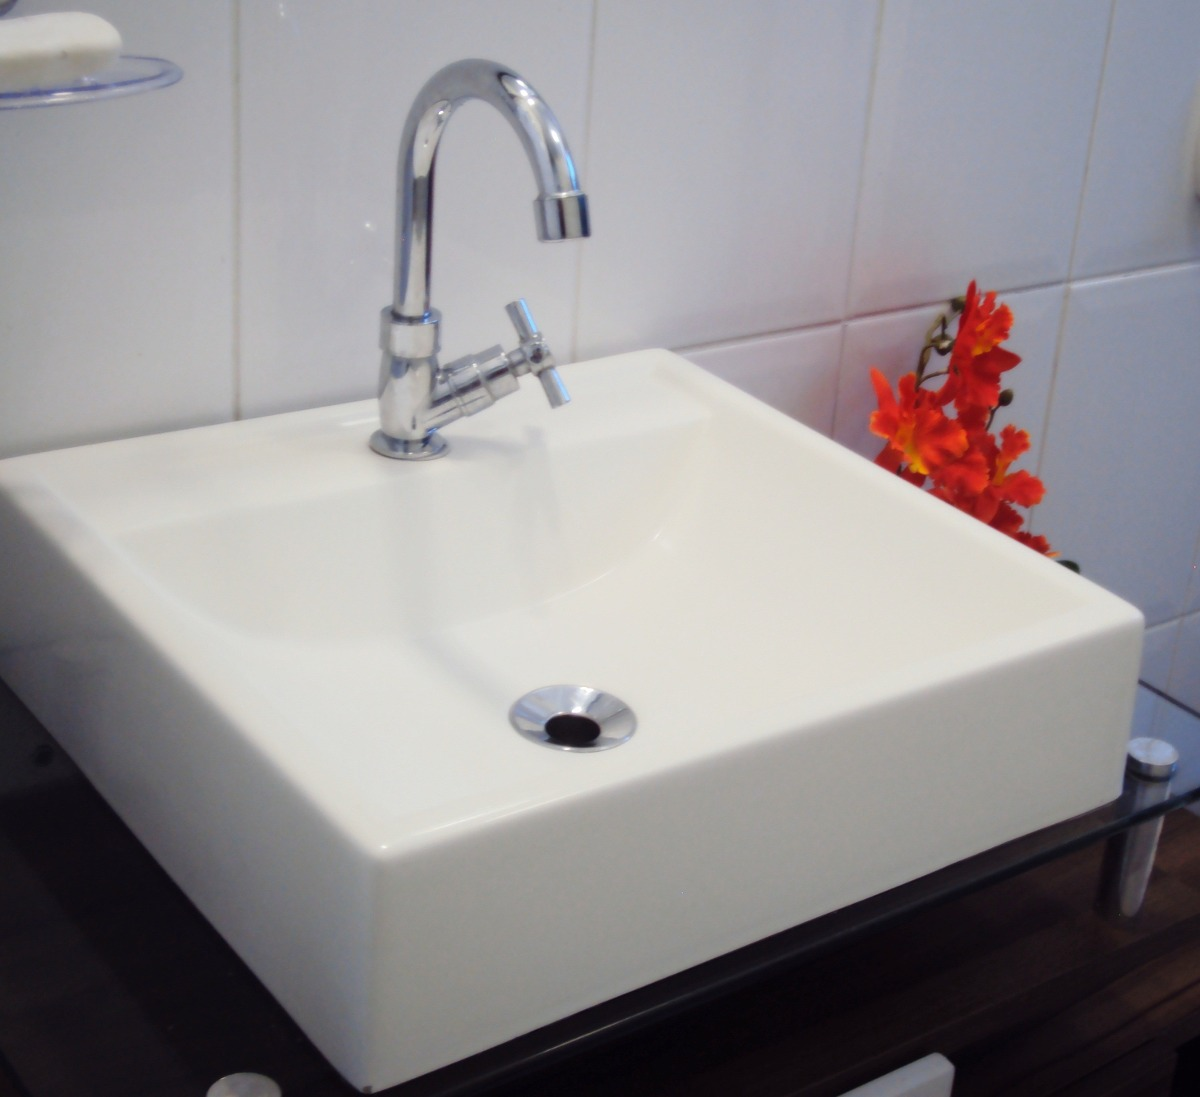 Cuba Pia Sobrepor Tendência Lavatório Para Banheiro E Lavabo  R$ 99,90 em Me -> Saia Para Pia De Banheiro